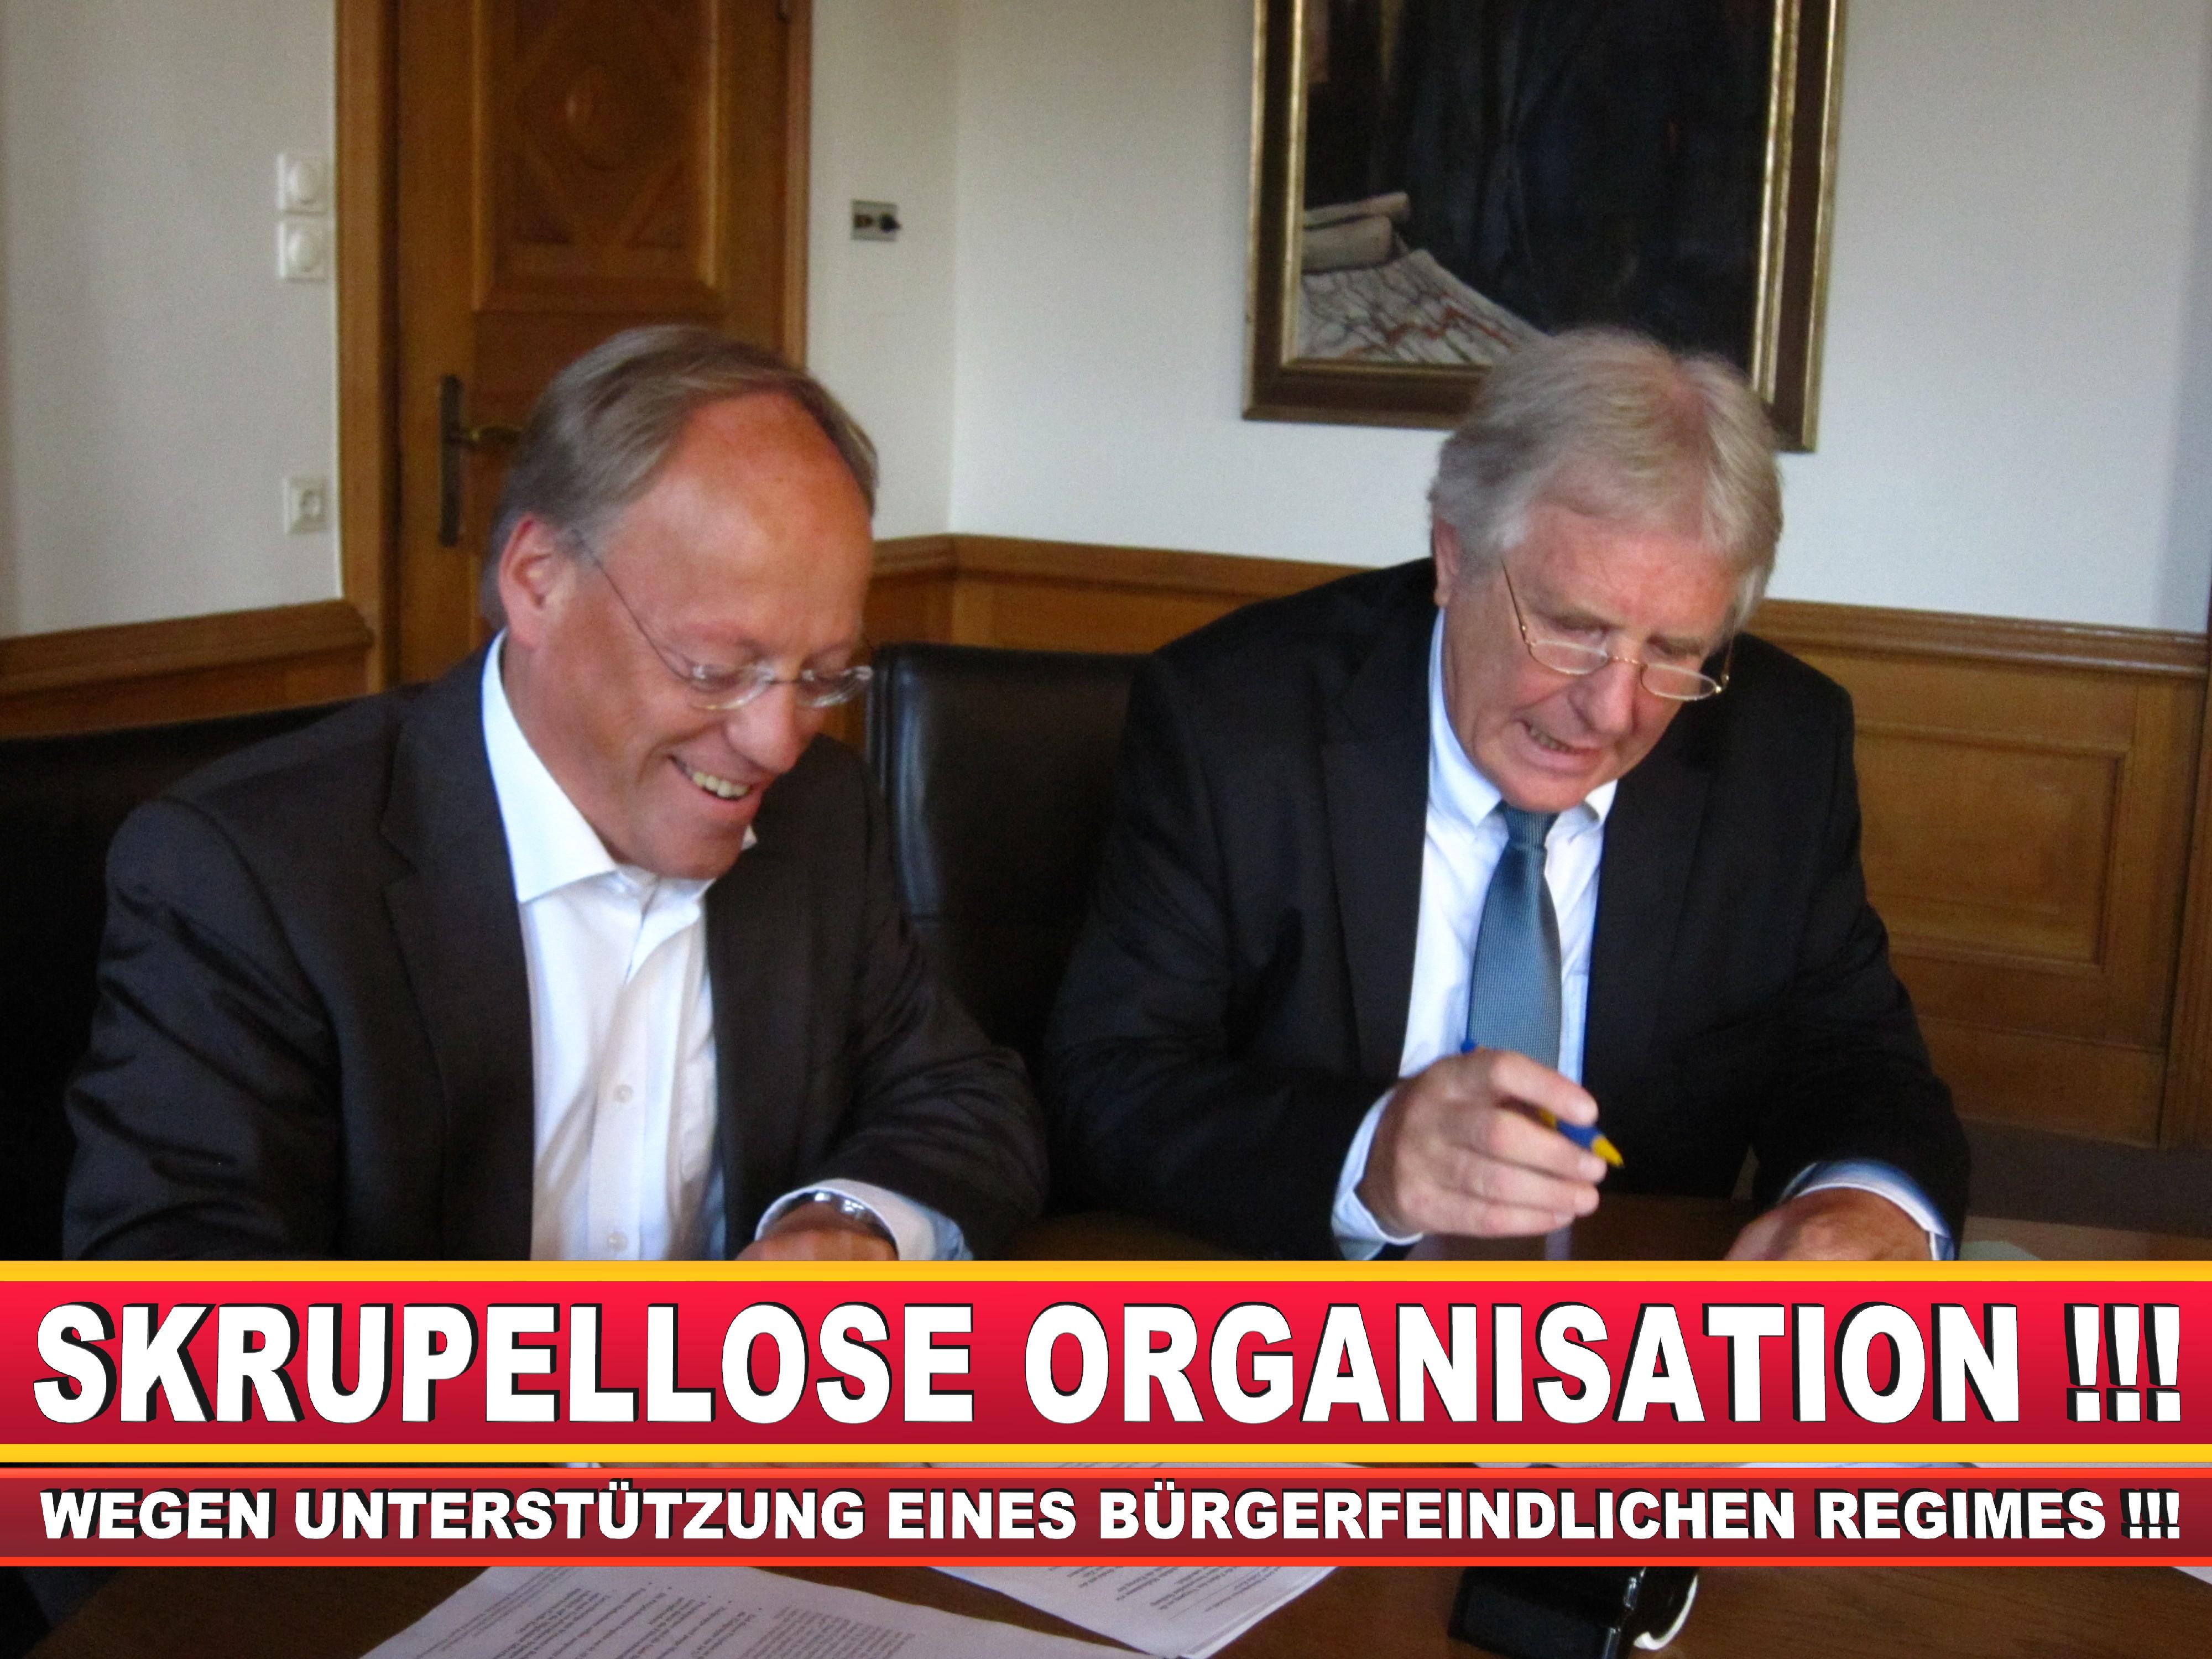 Polizeipräsident Erwin Südfeld Bielefeld Oberbürgermeister Bürgermeister Peter Clausen Pit Clausen Bielefeld (66)